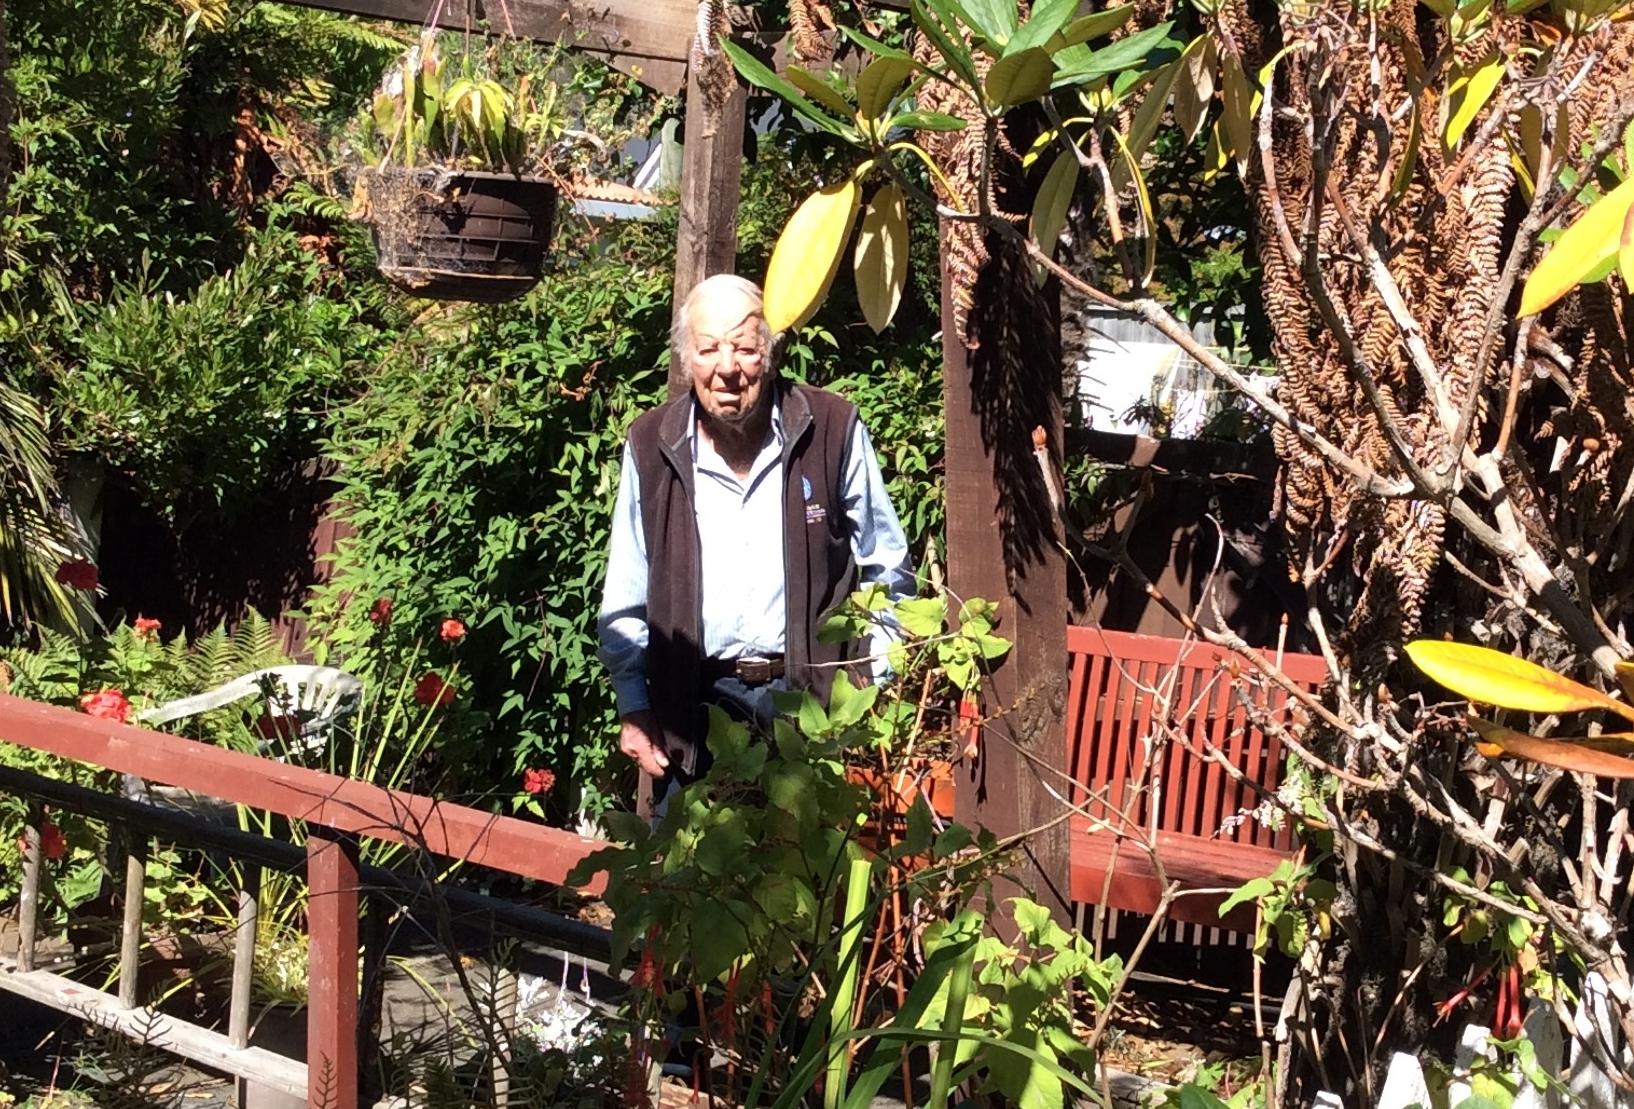 Baden in his garden.